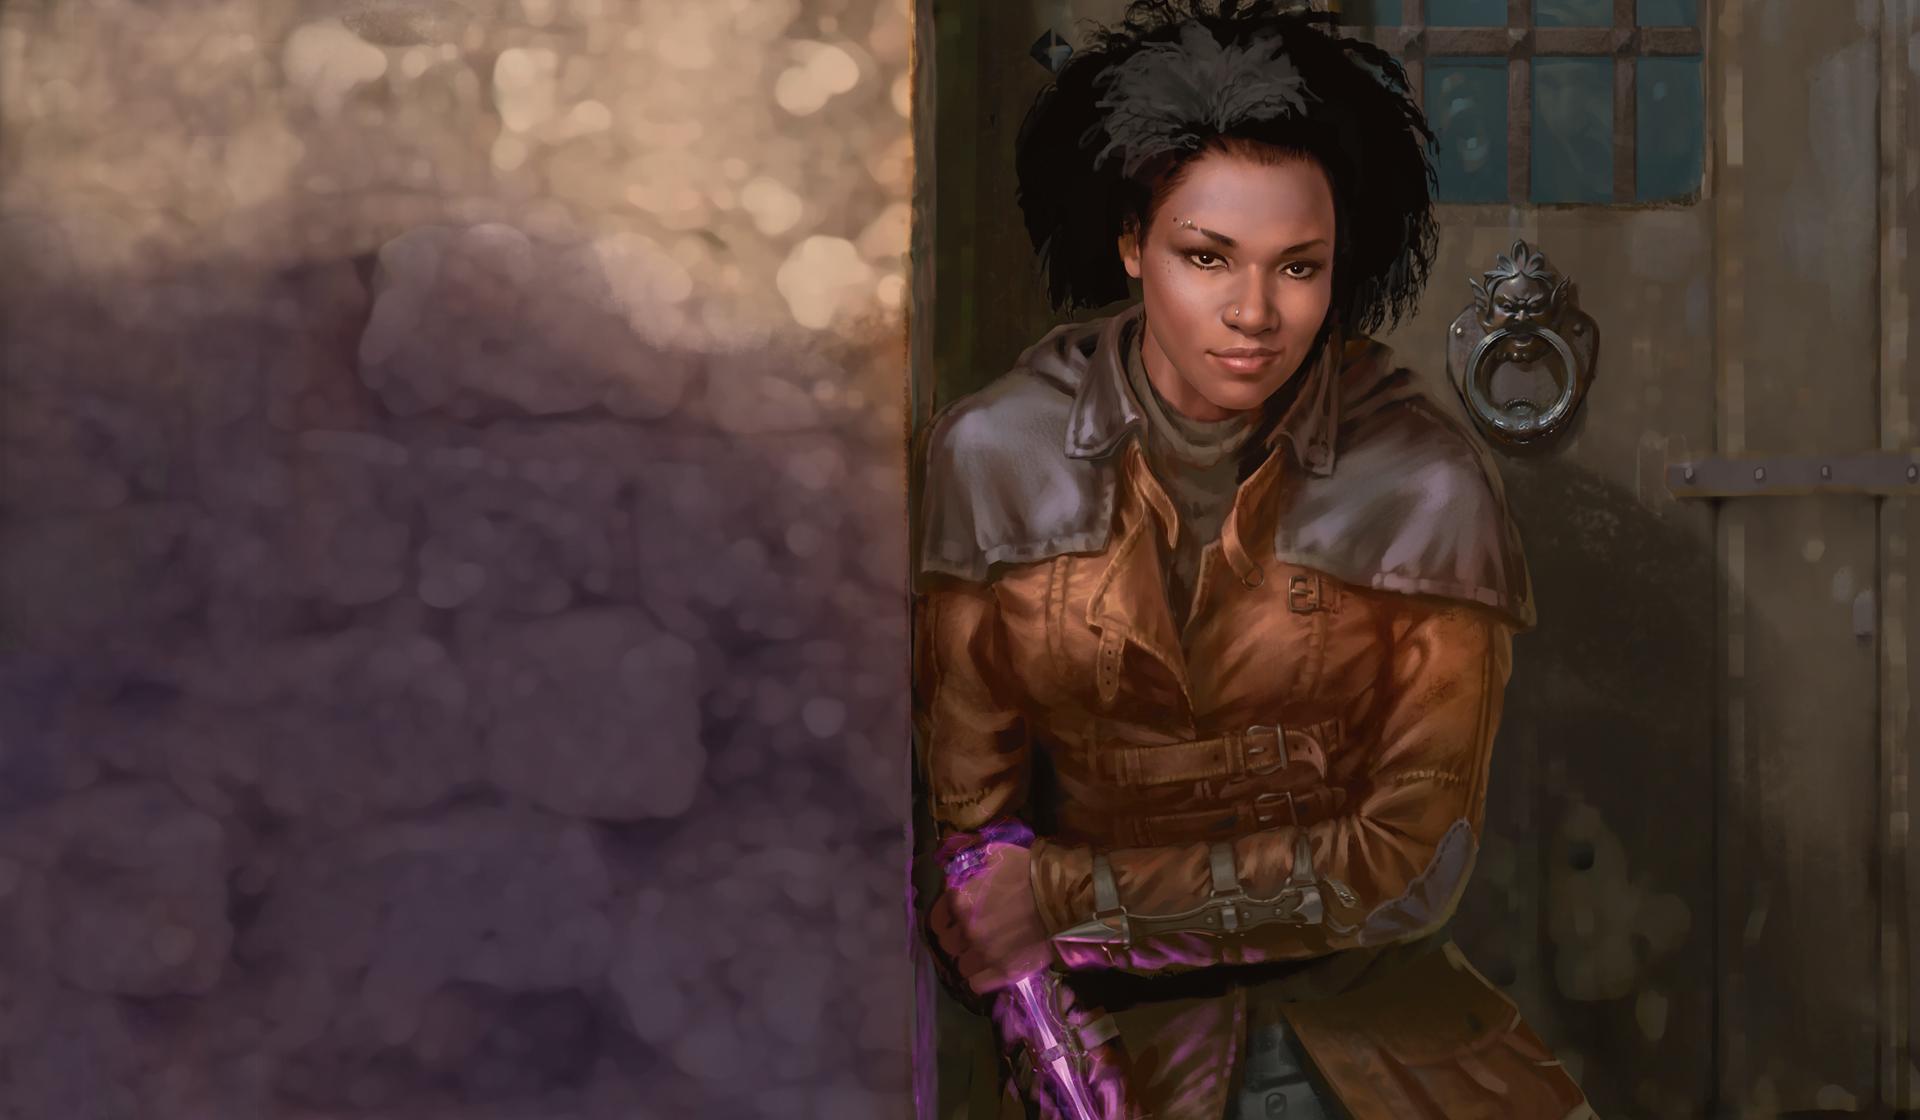 Kaya, Assassina de Fantasmas